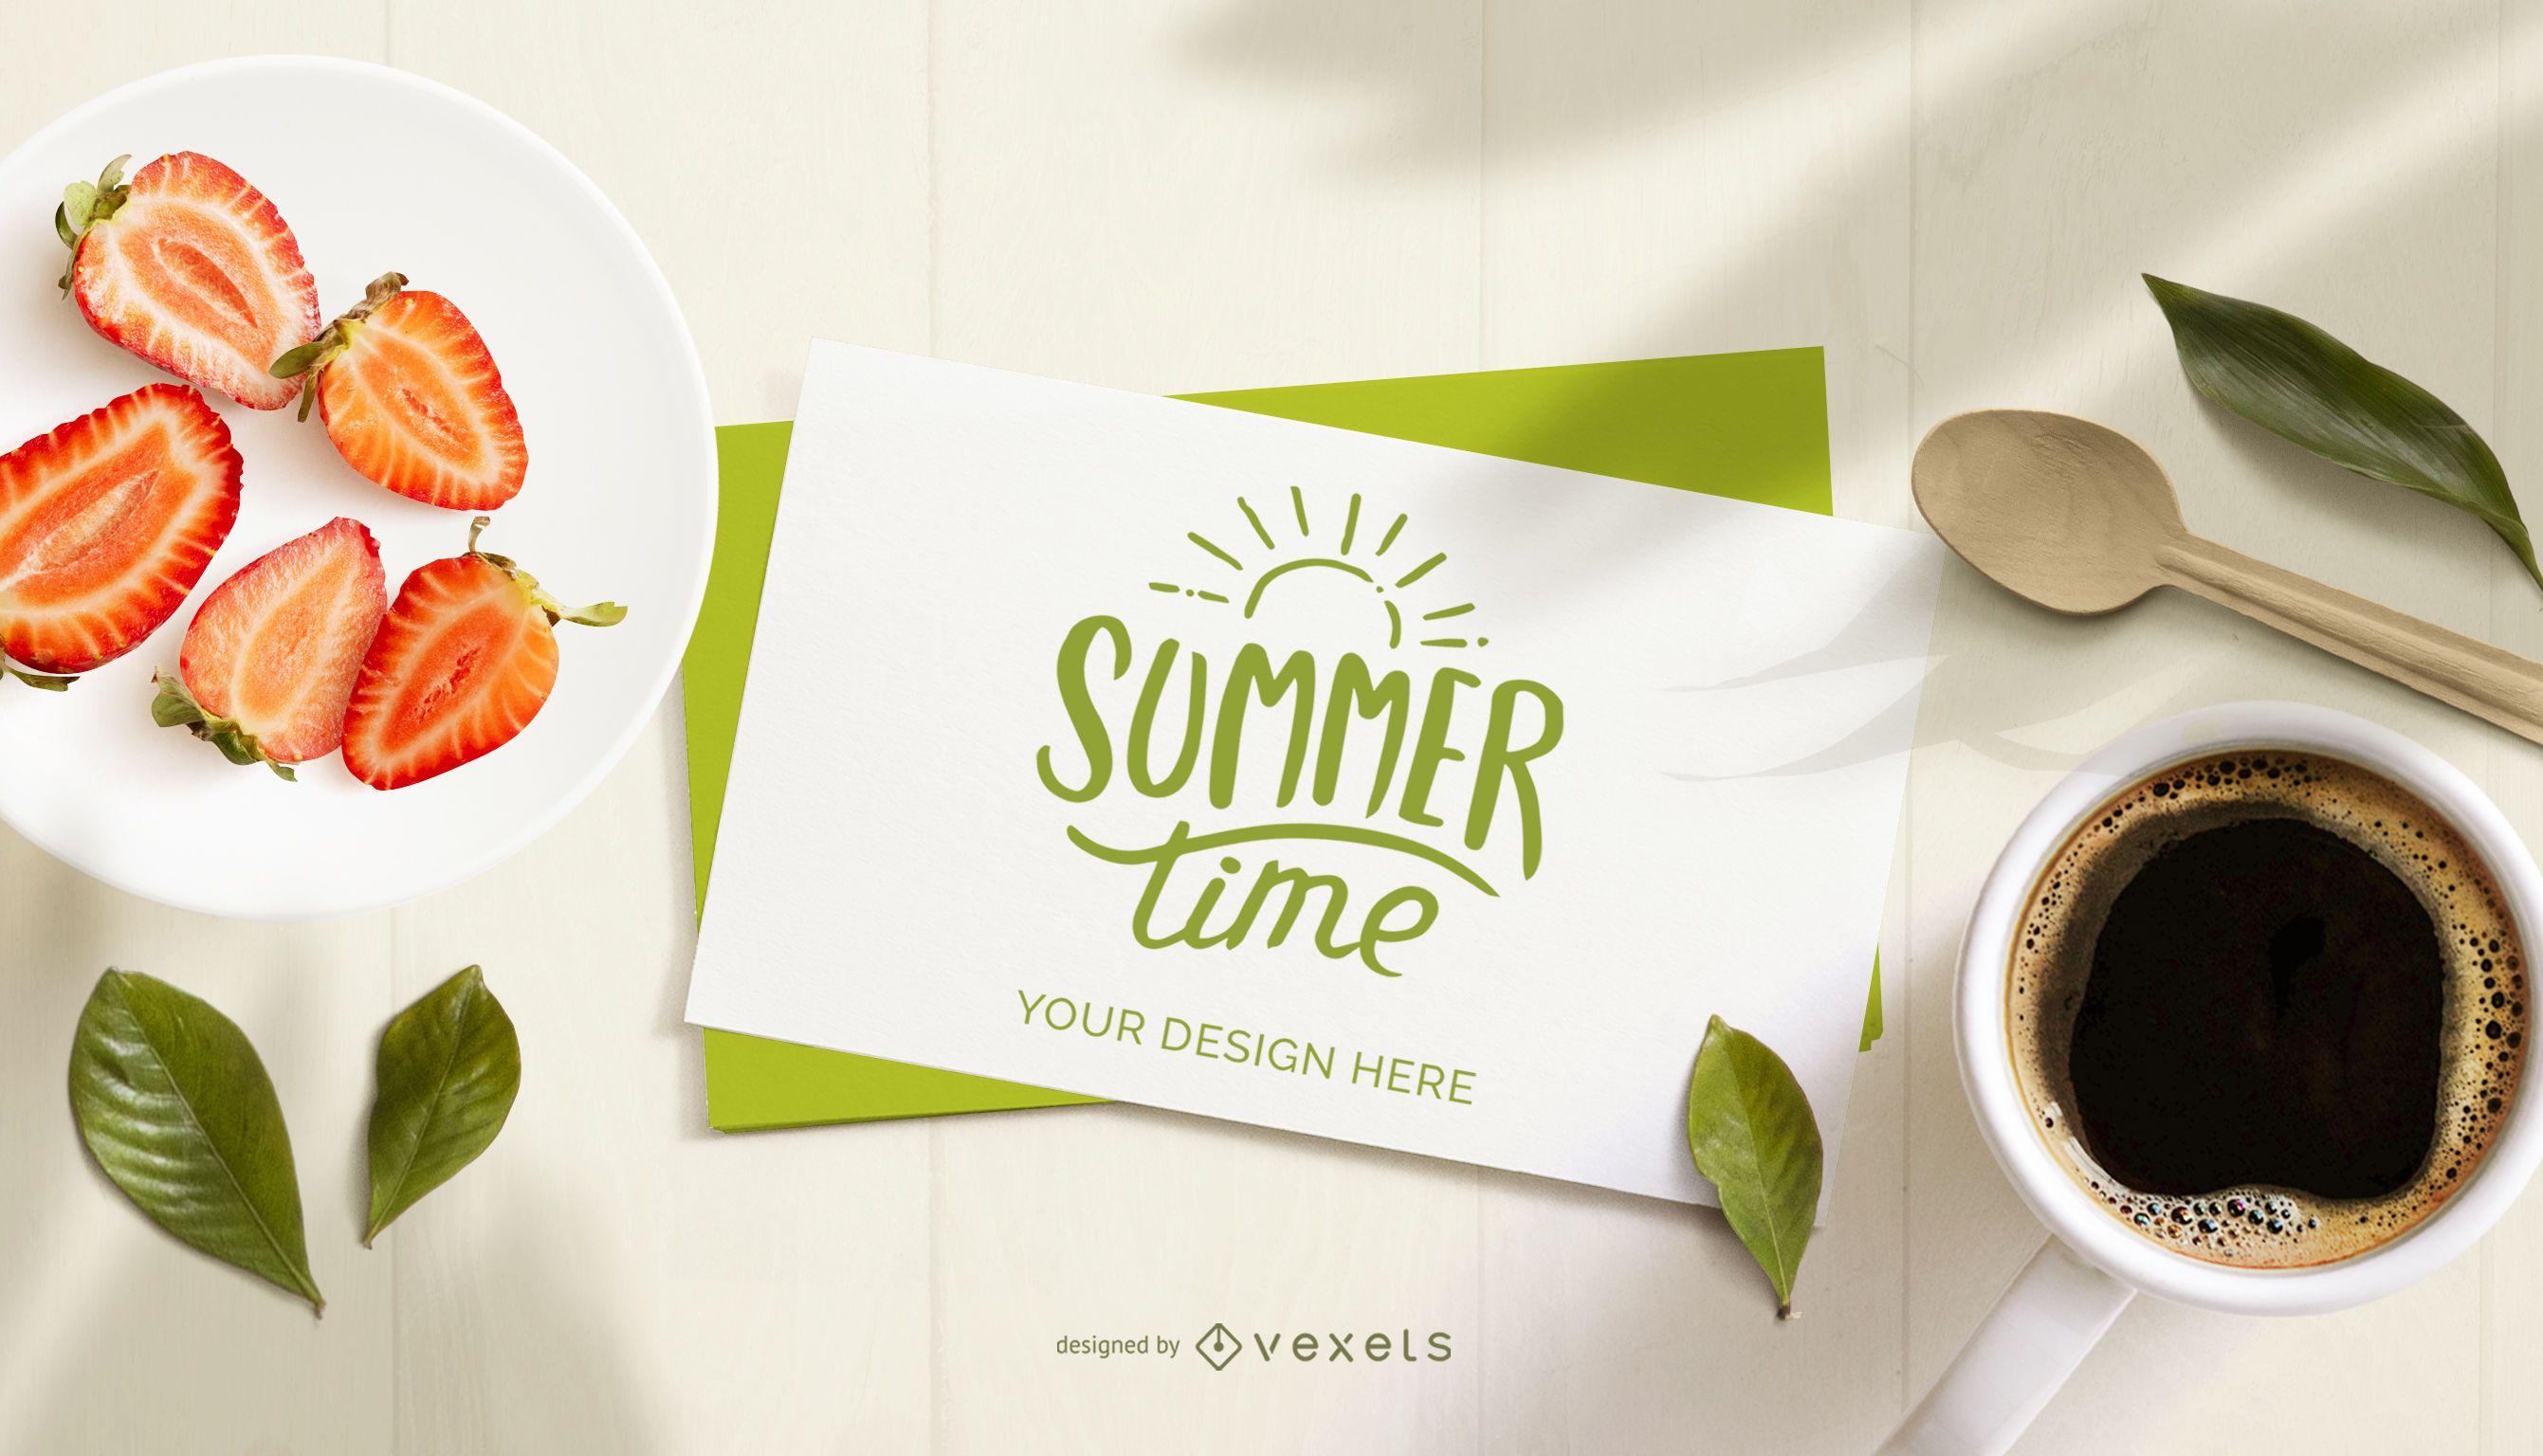 Maqueta de composici?n de tarjeta de horario de verano